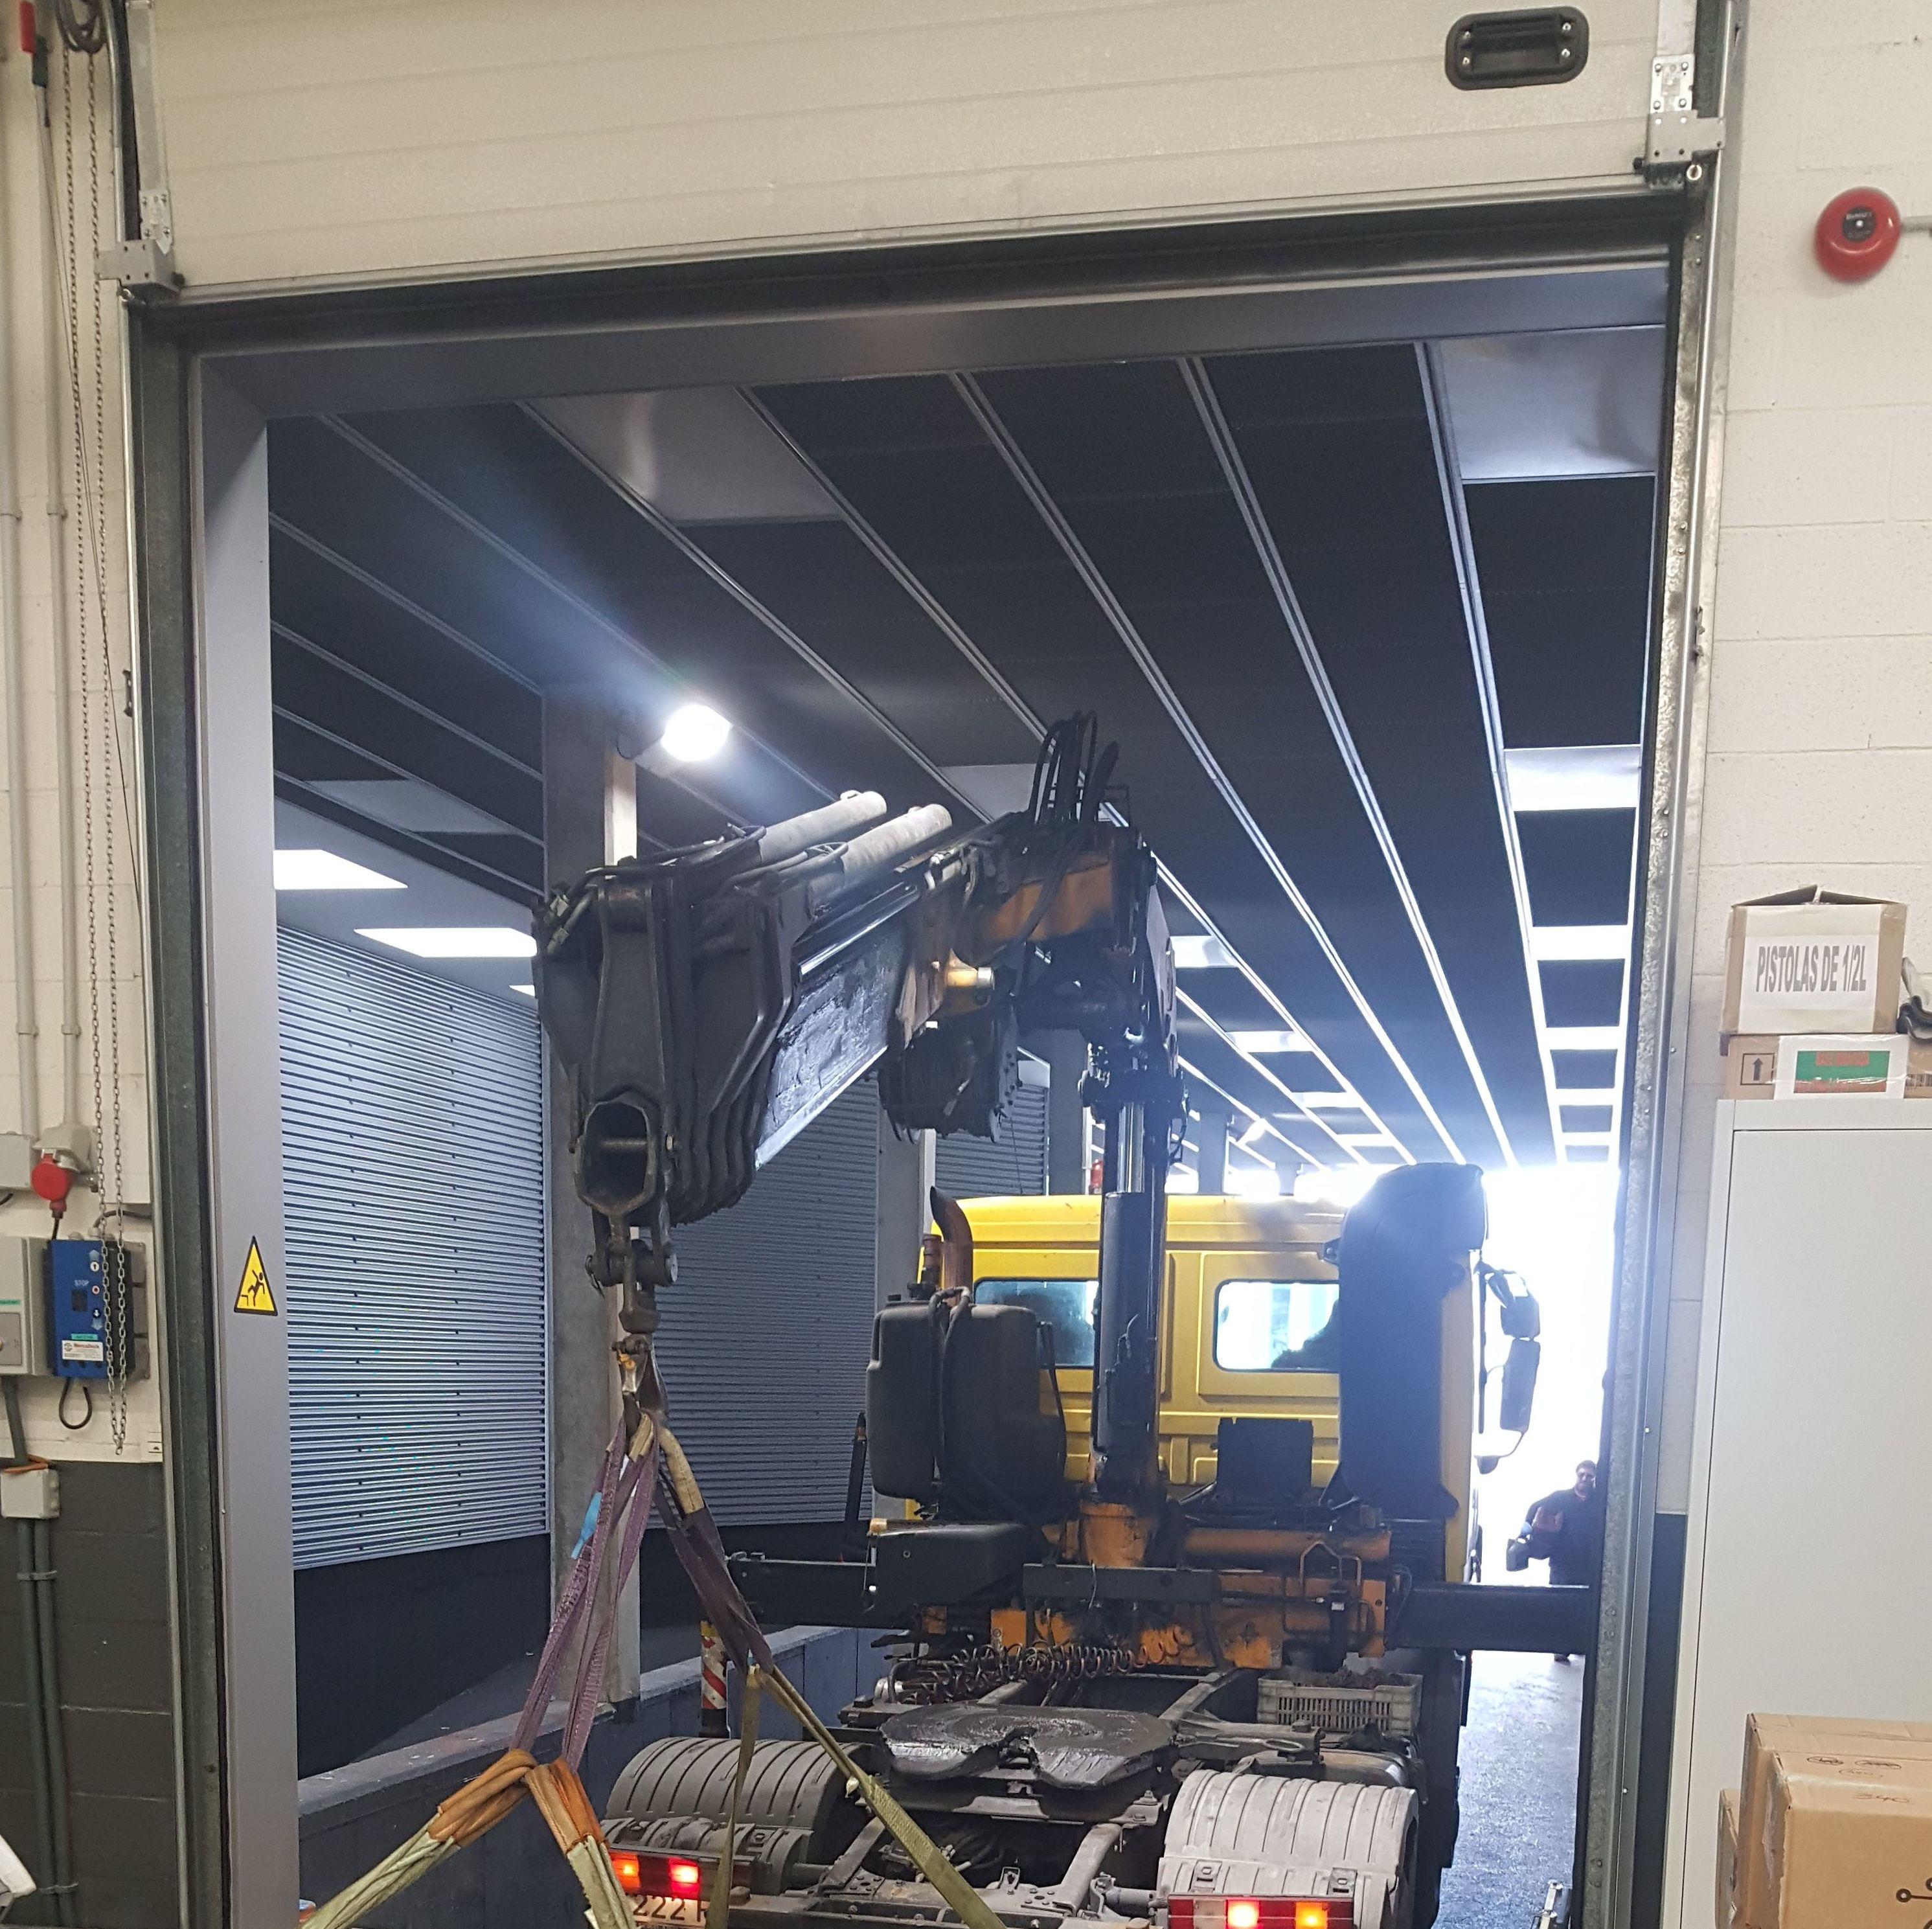 Hizado de muelle de carga en espacio confinado